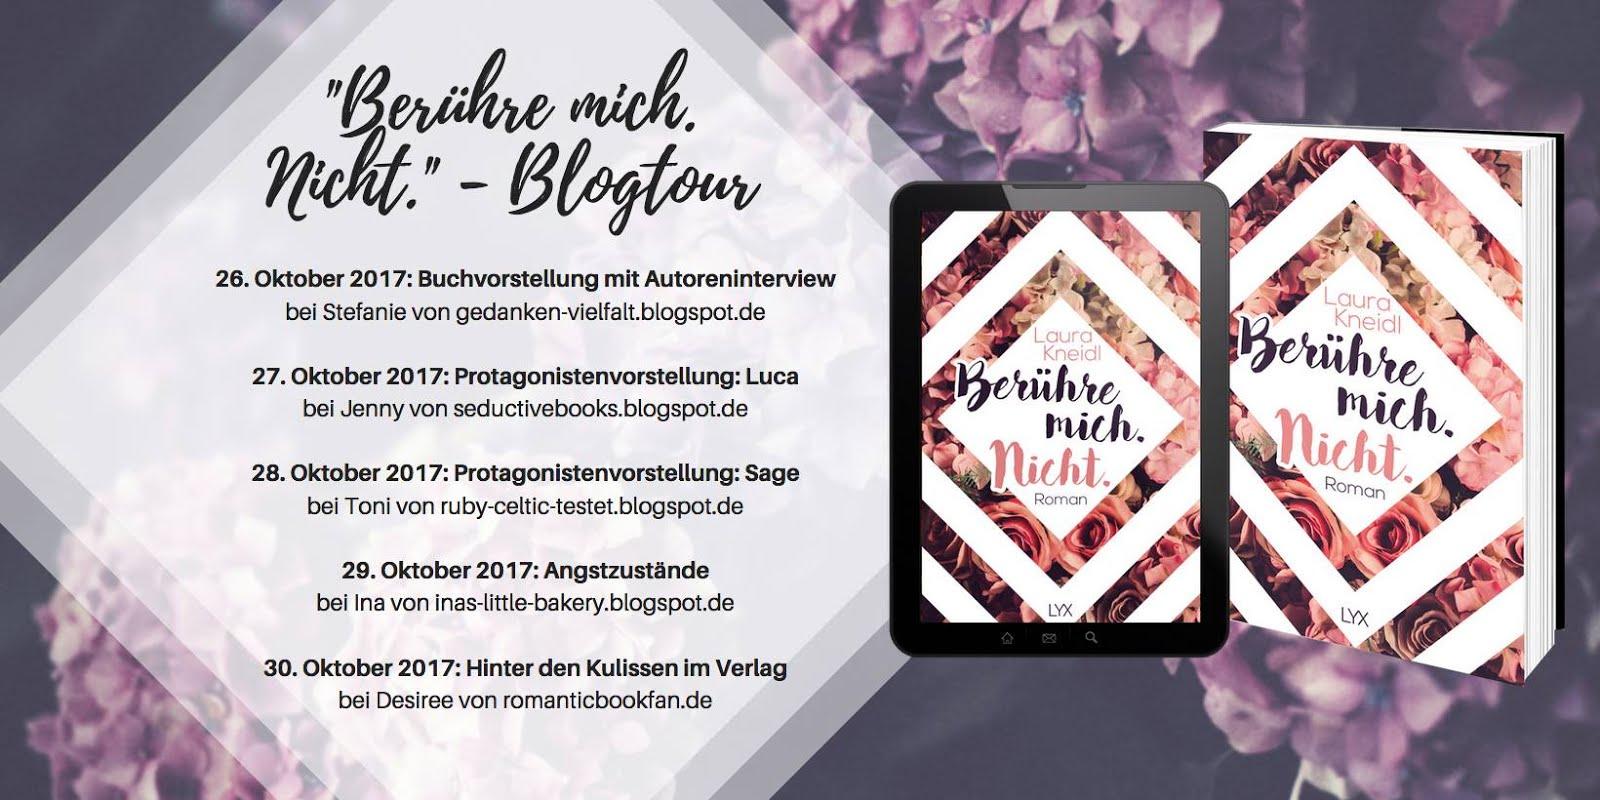 Blogtour BERÜHRE MICH. NICHT.